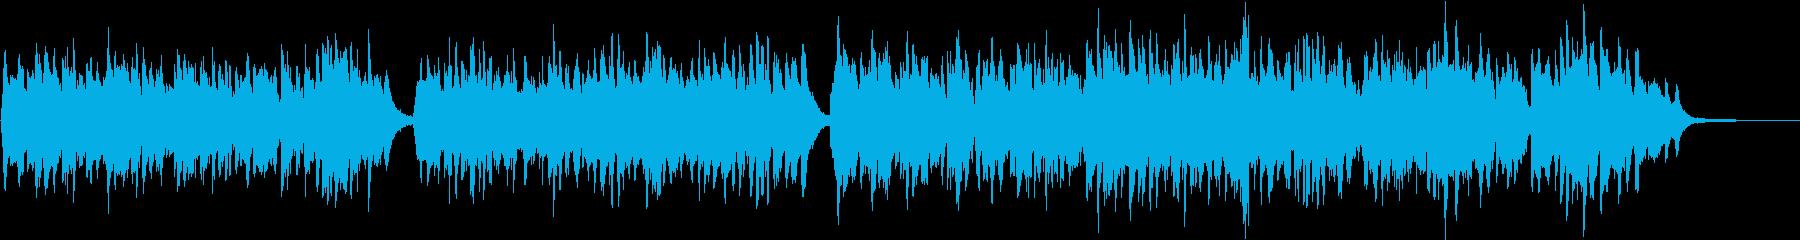 透明感・水の都の南欧系ジャズ※打楽器抜きの再生済みの波形